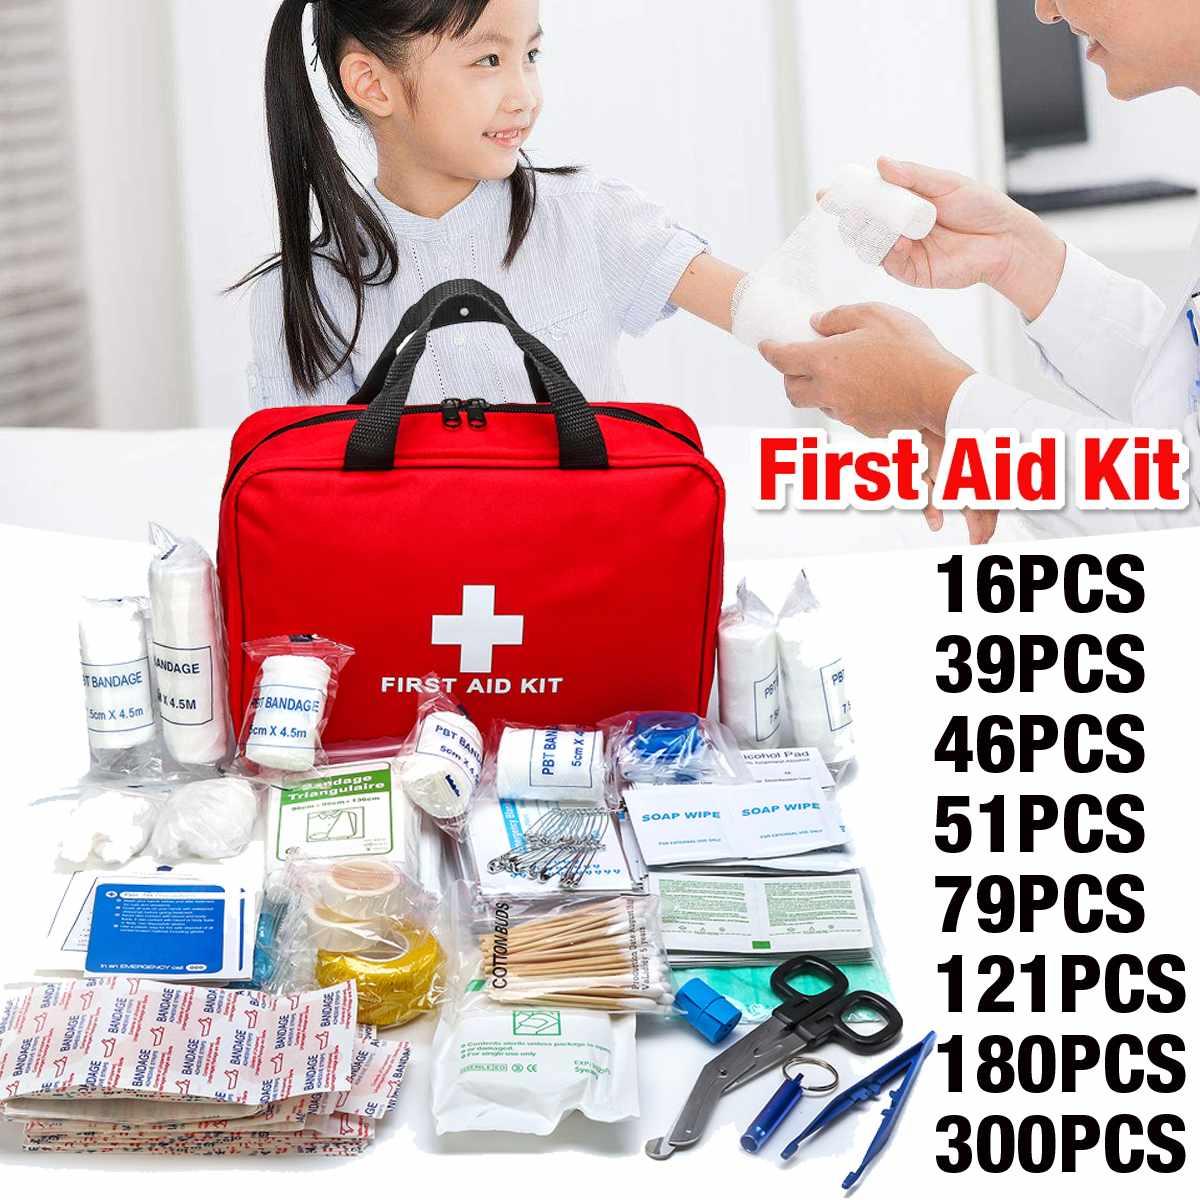 16 pces 300 pces kit de primeiros socorros portátil doméstico viagem de emergência acampamento ao ar livre saco de carro tratamento de primeiros socorros kit de sobrevivência|Kits de emergência|   -